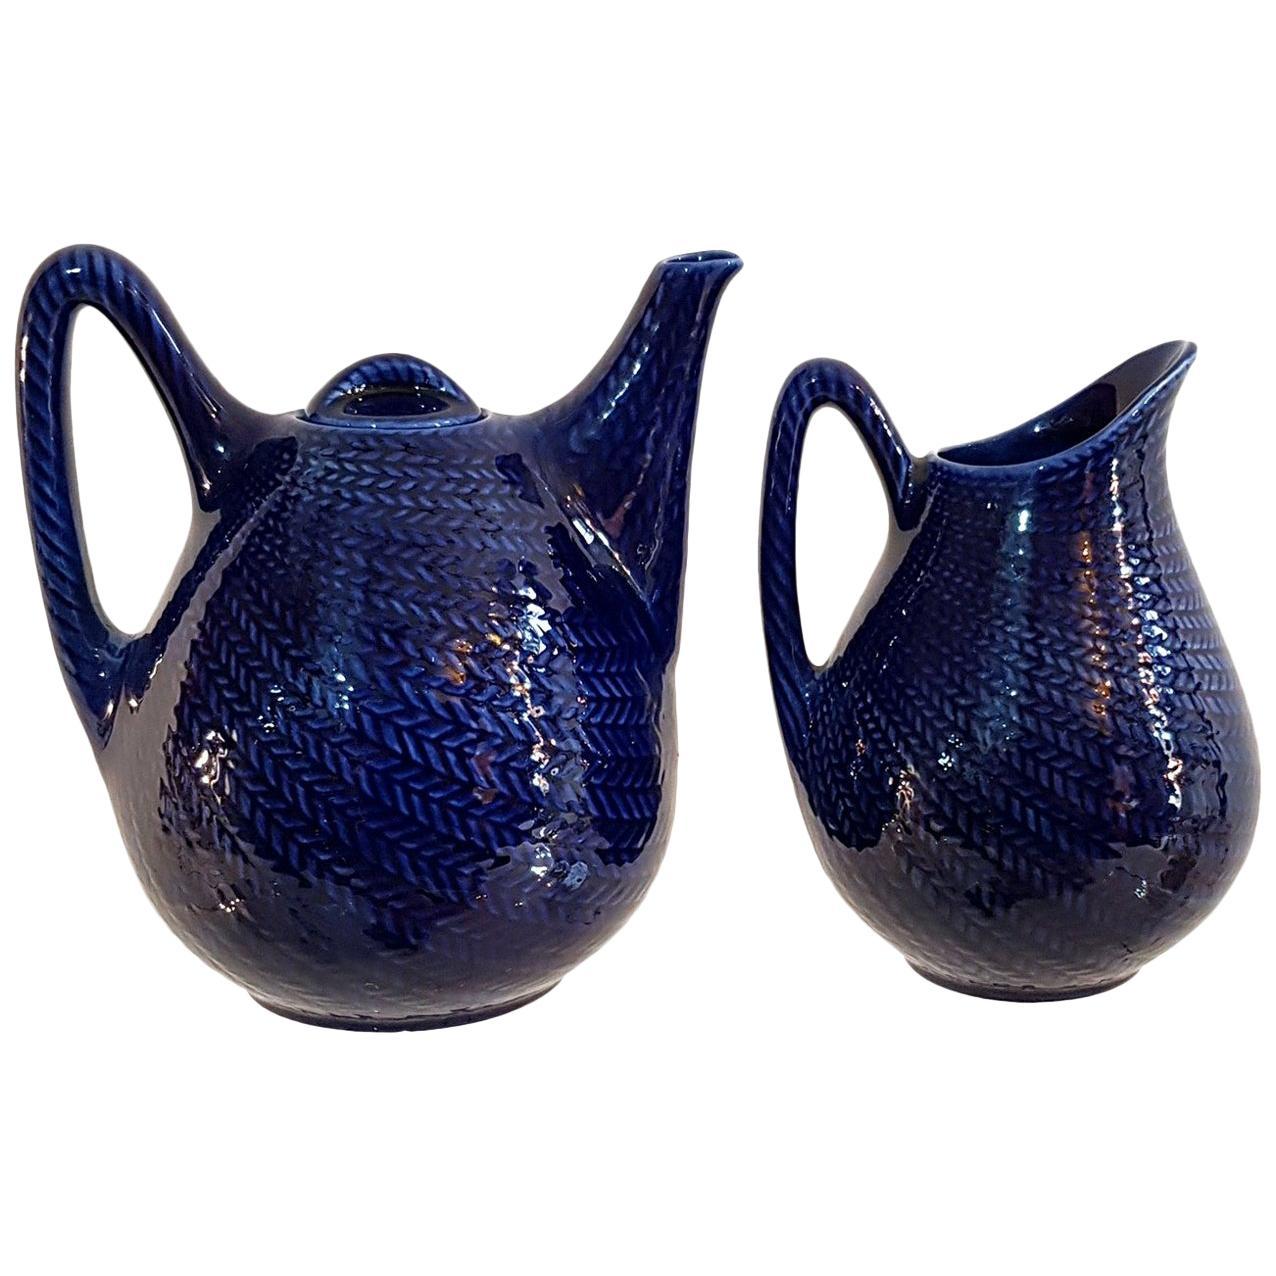 """Midcentury Teapot and Jug """"Blå eld"""" by Hertha Bengtsson for Gustavsberg, Sweden"""